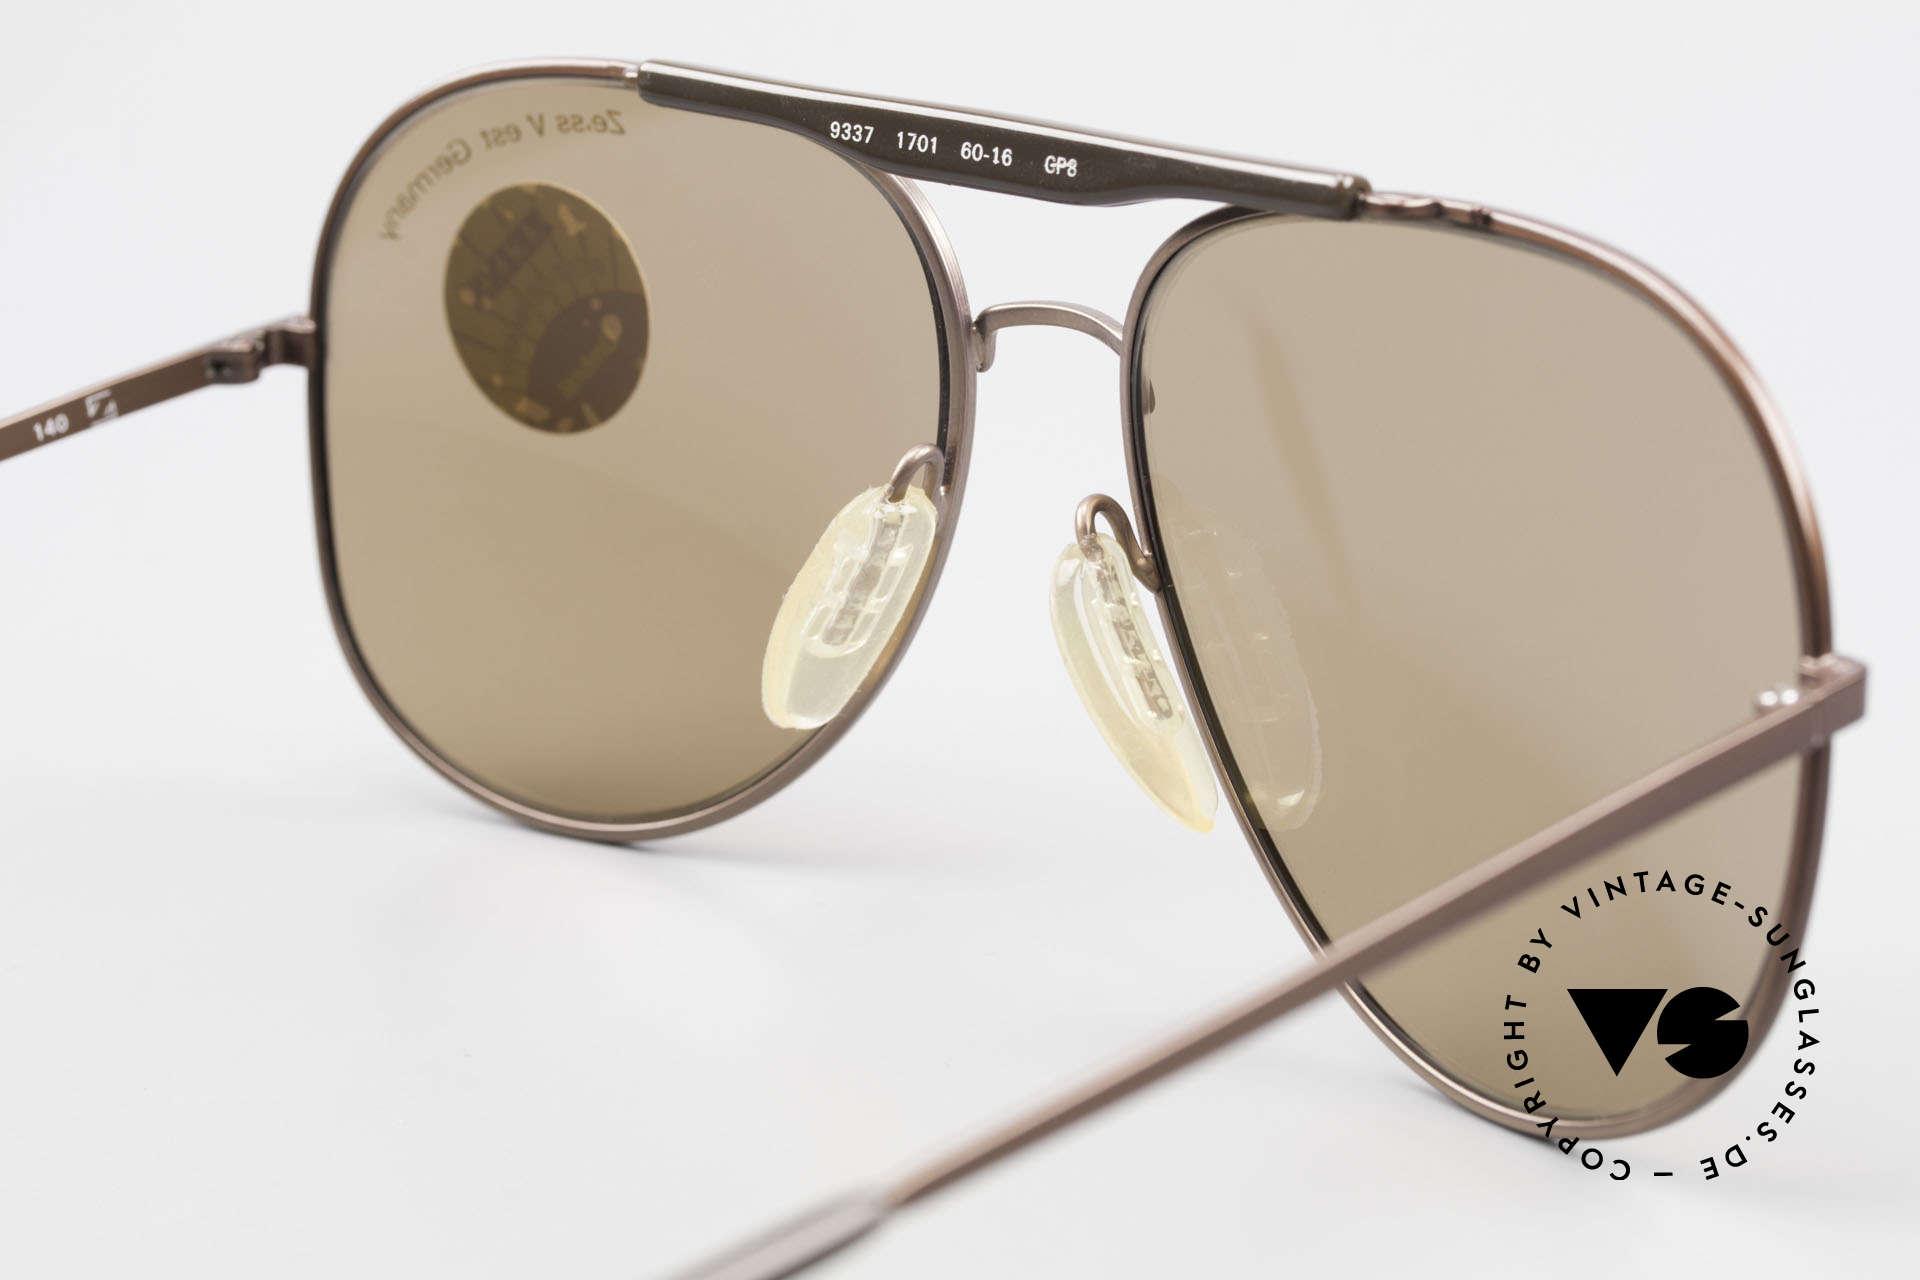 Zeiss 9337 Zurück in die Zukunft Brille, die Metallfassung könnte auch optisch verglast werden, Passend für Herren